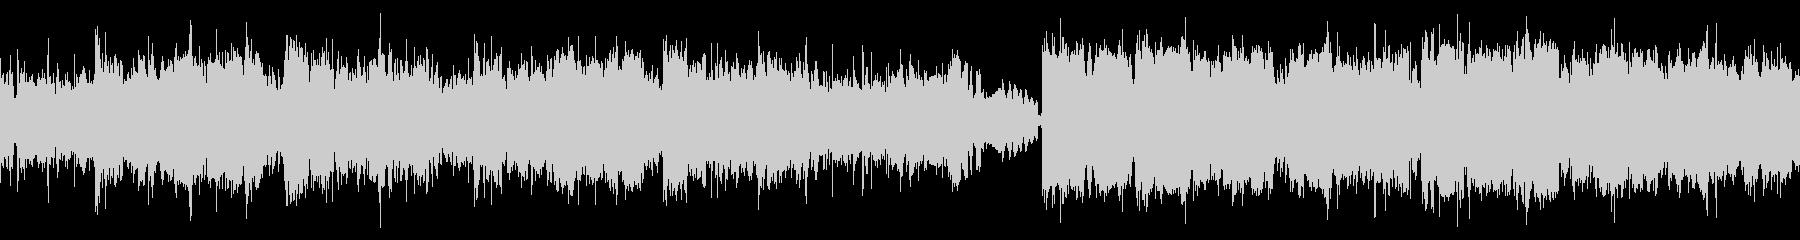 尺八と和太鼓の猛々しいBGMの未再生の波形